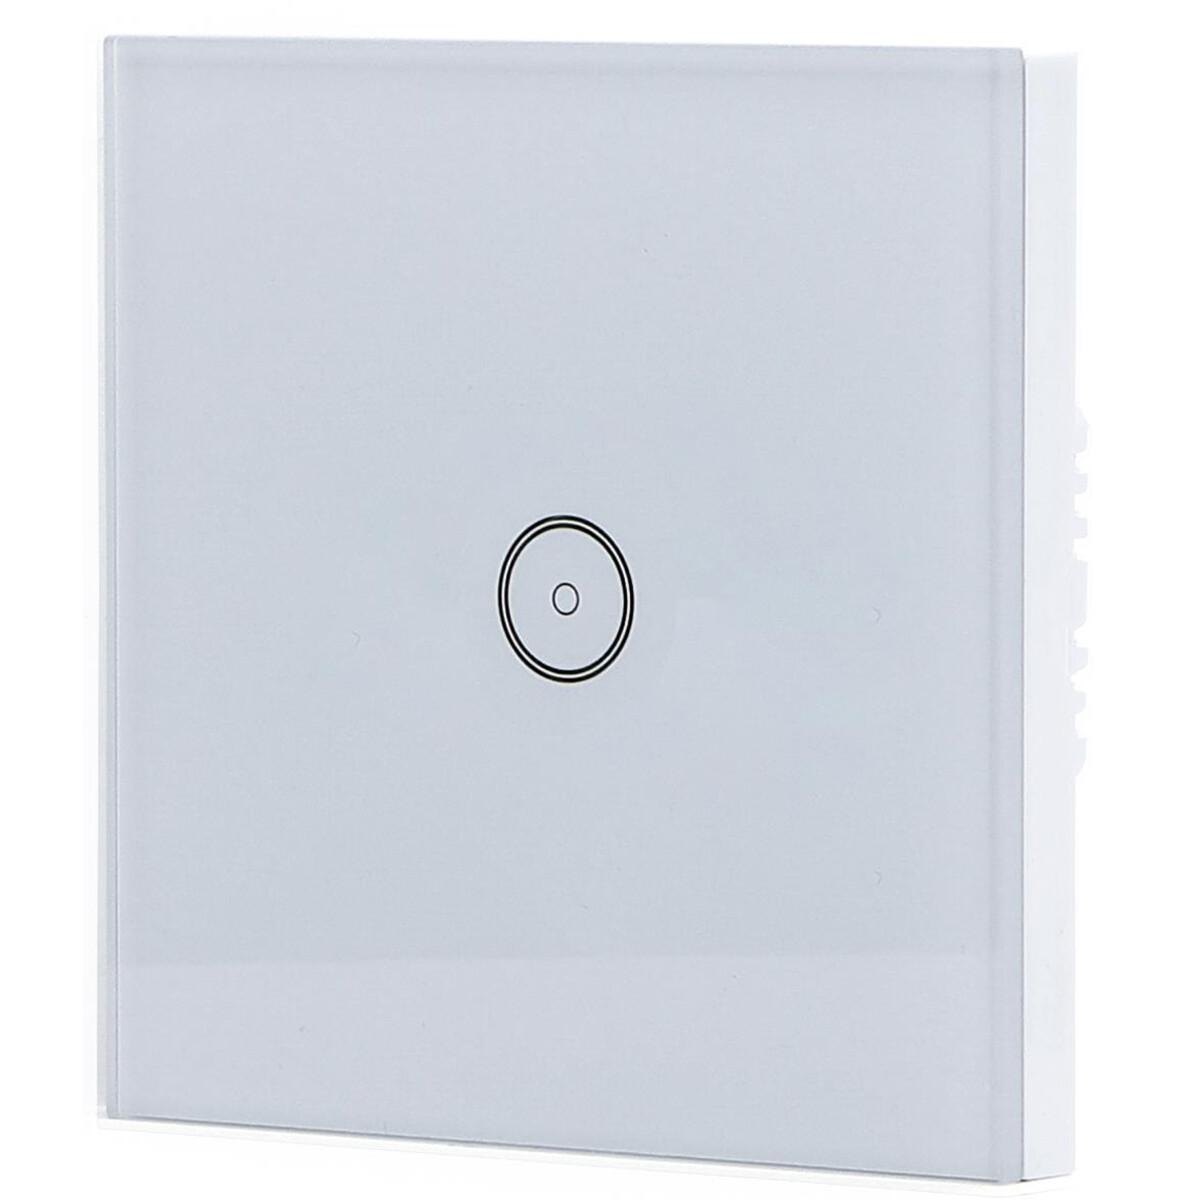 Touchschakelaar Smart WiFi Aigi Smarton Inbouw 1-voudig Touch Schakelaar Incl. Glazen Afdekraam Wit